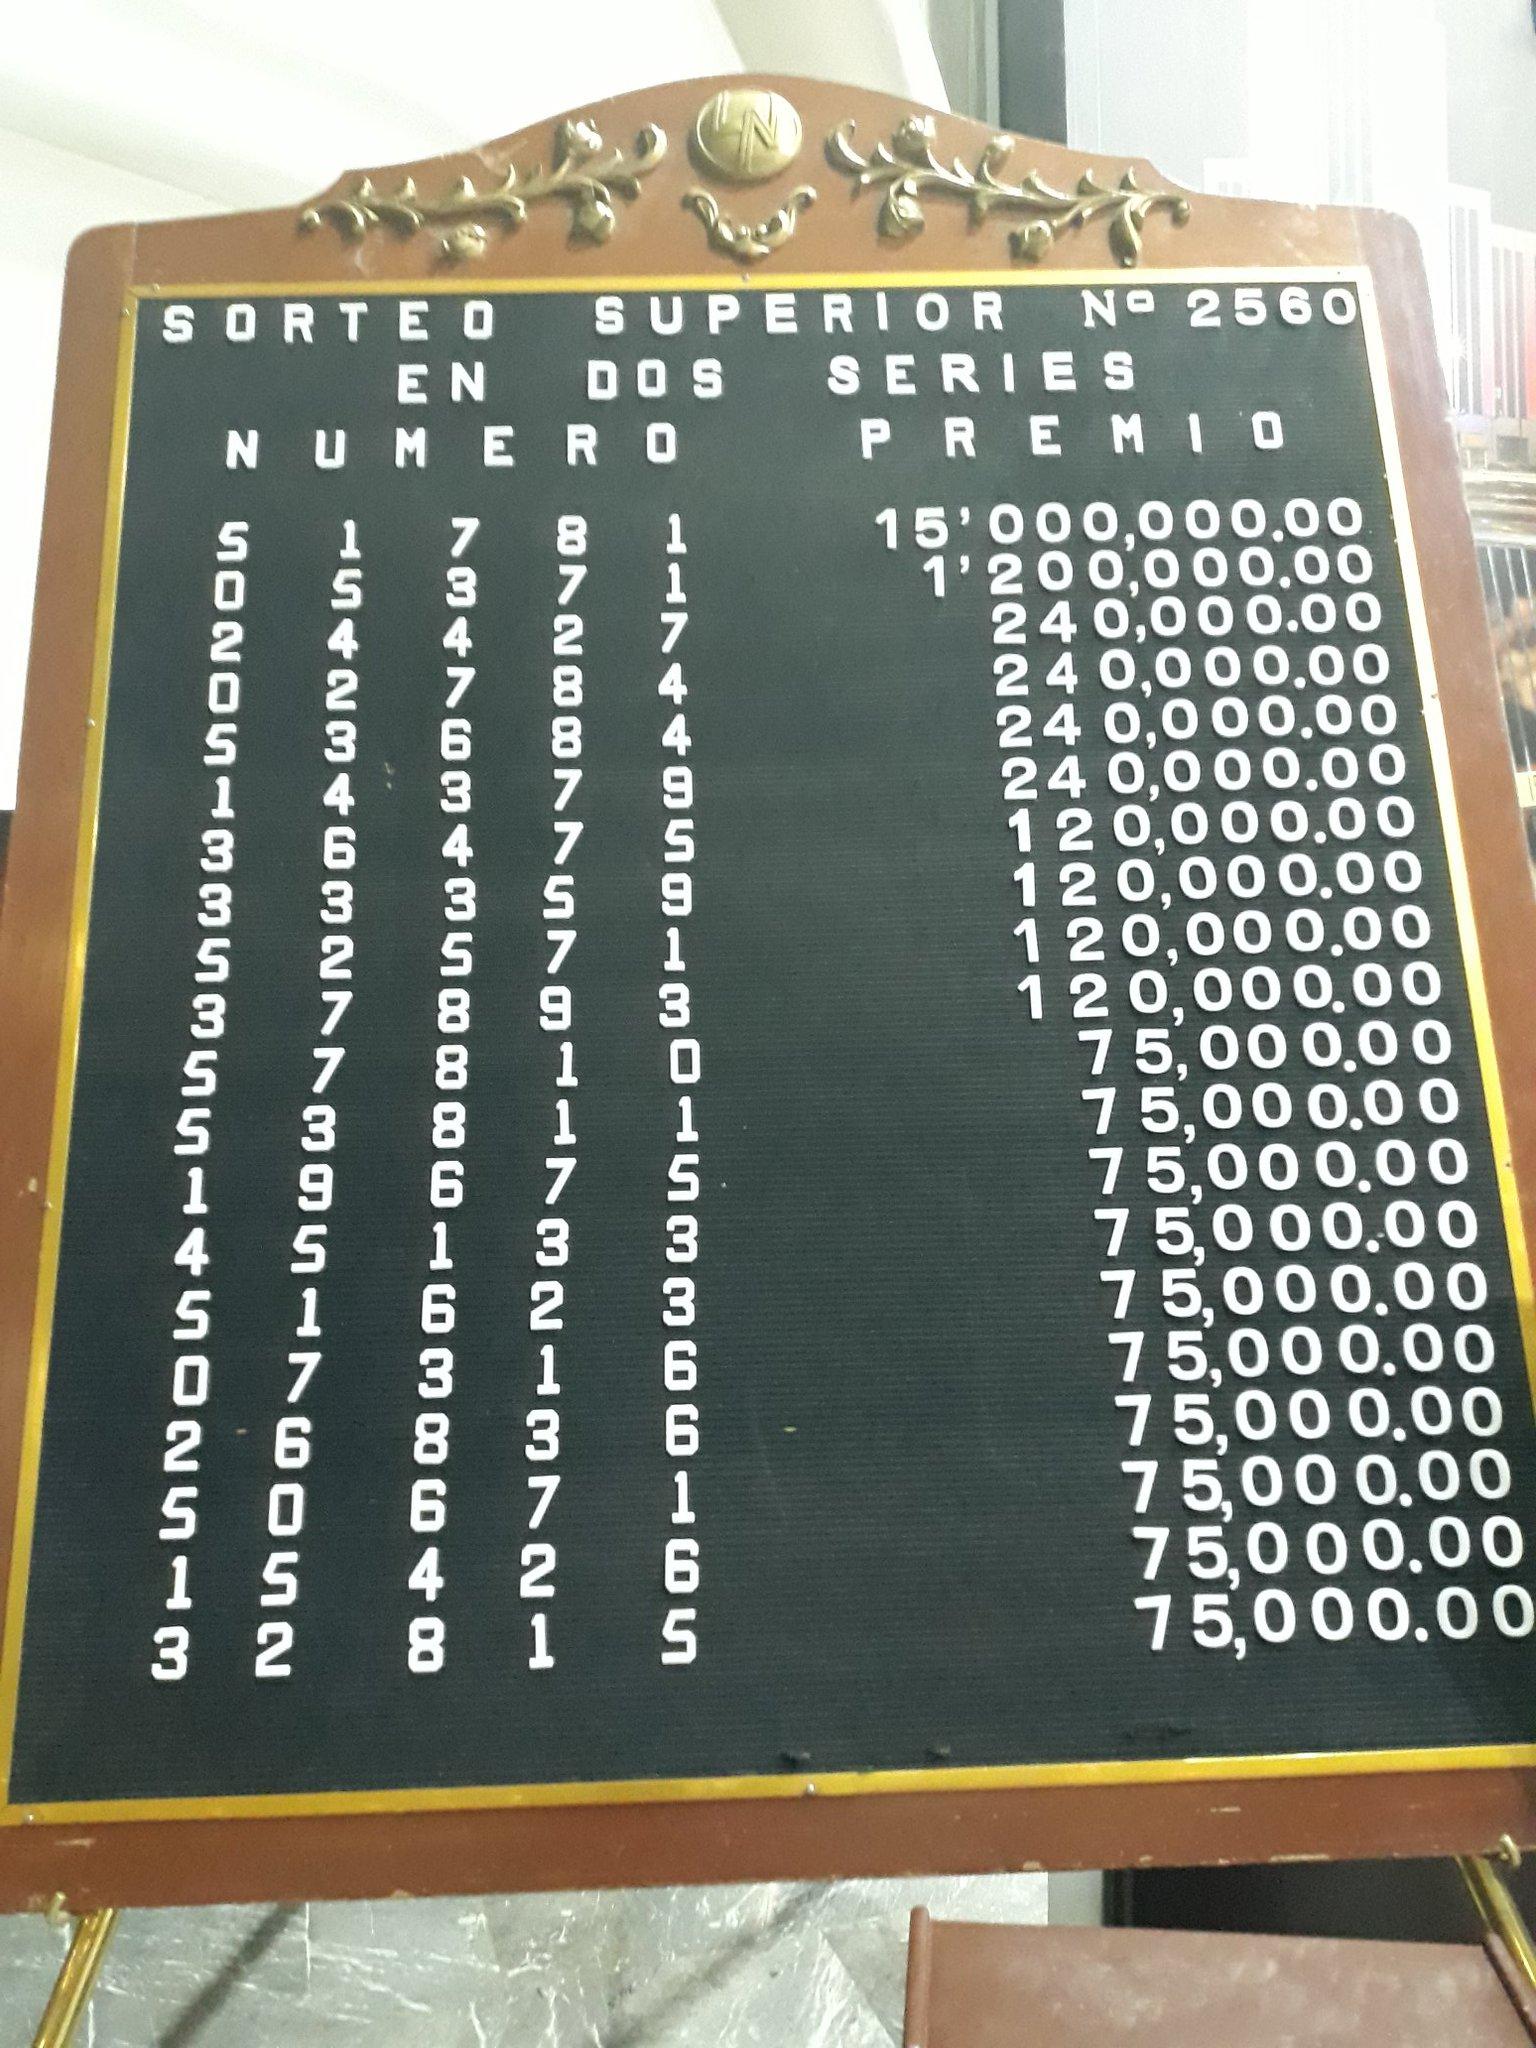 Resultados sorteo superior 2560